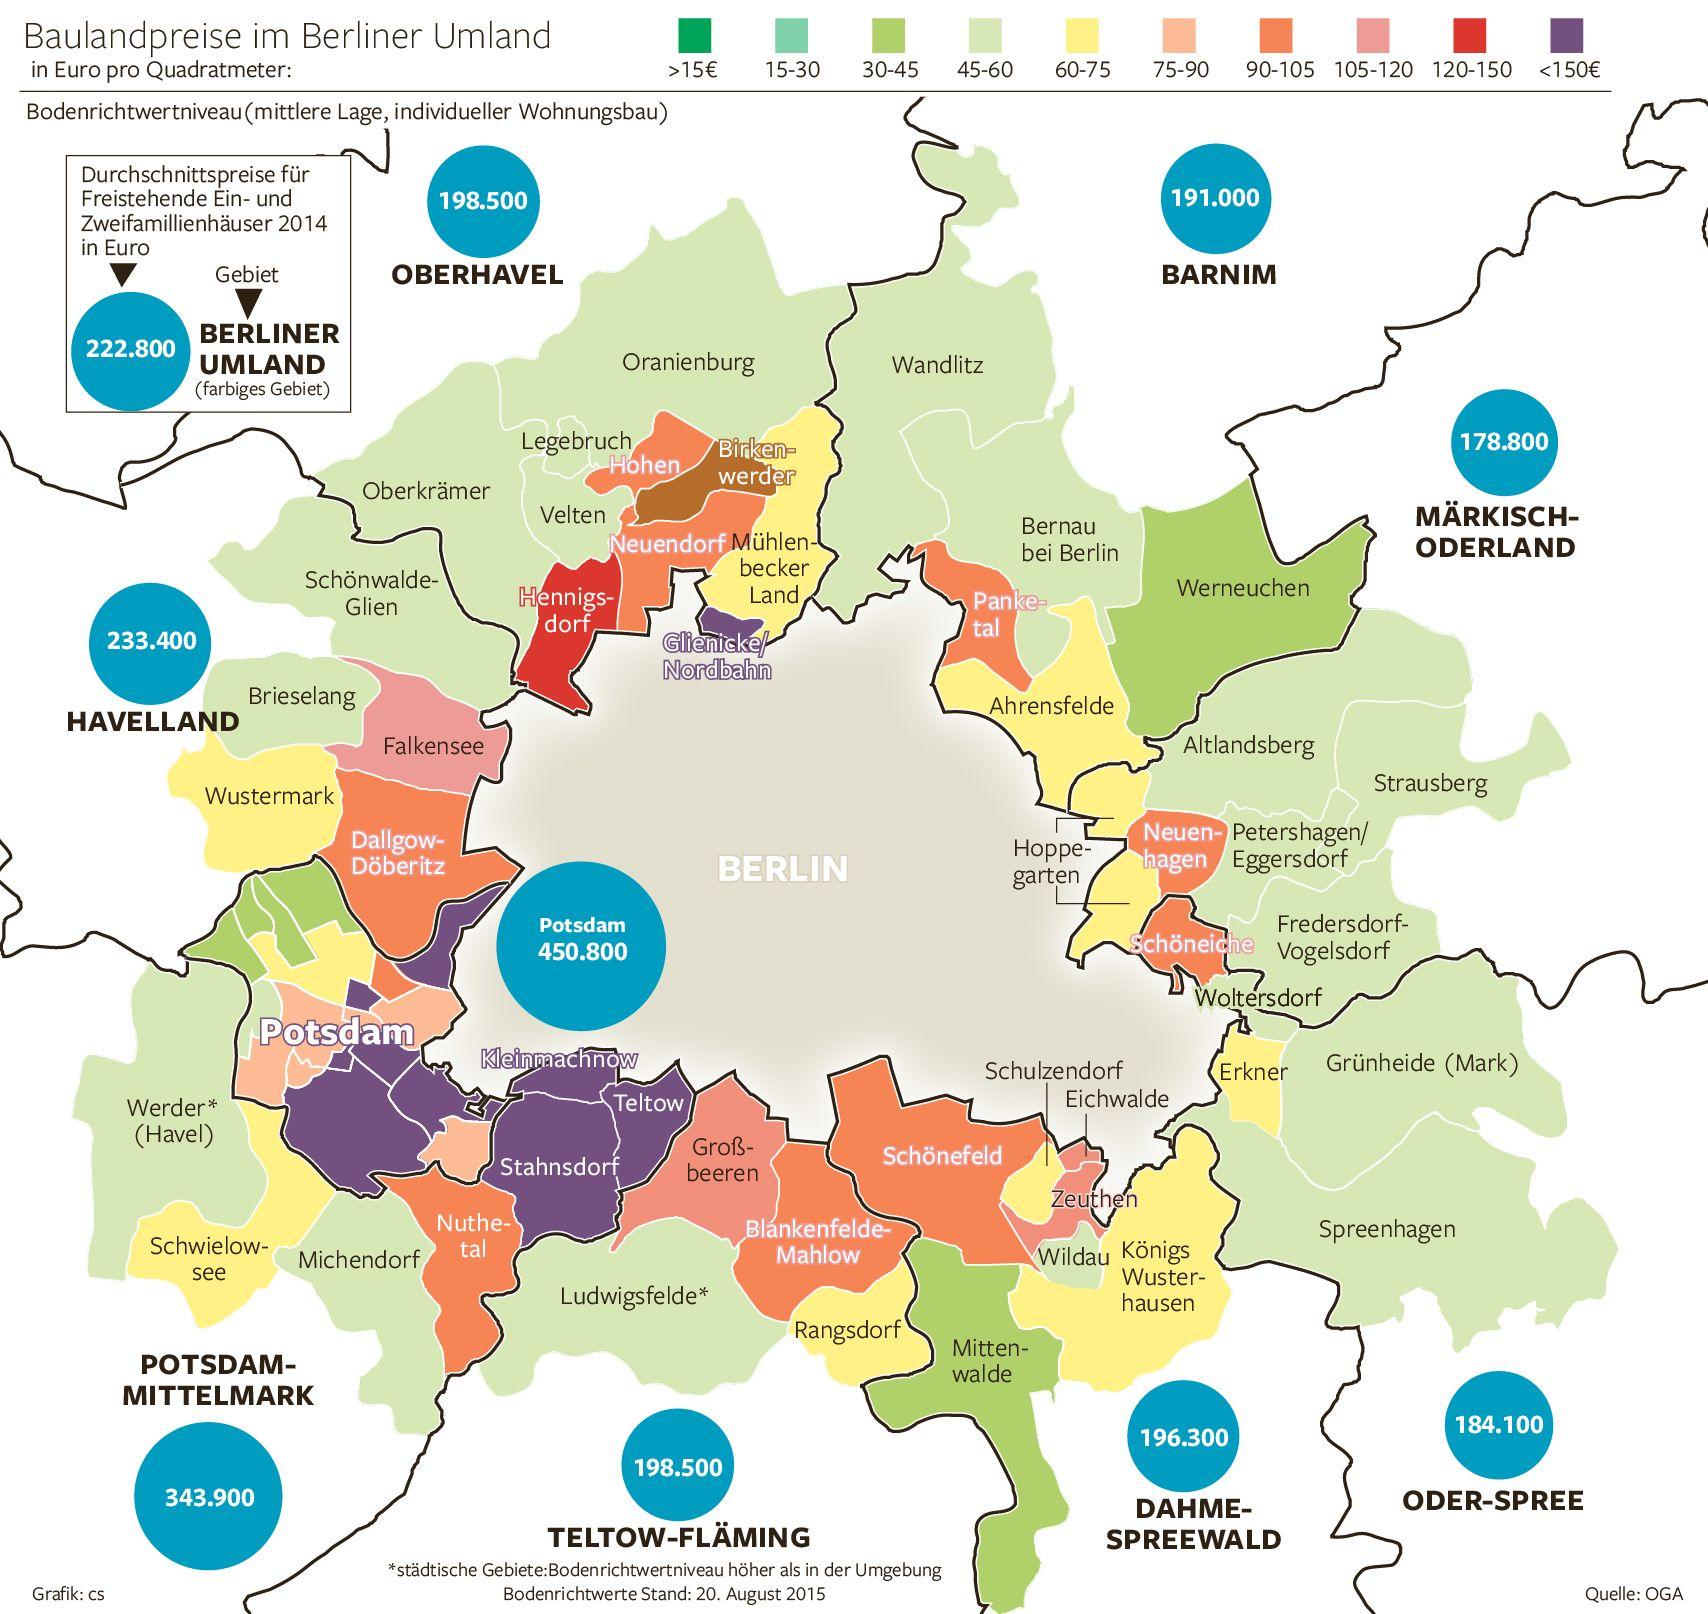 Die Aktuellen Baulandpreise Fur Den Berliner Speckgurtel Und Was Ein Eigenheim Durchschnittlich In Den Landkreisen Erstes Eigenheim Berliner Umland Infografik